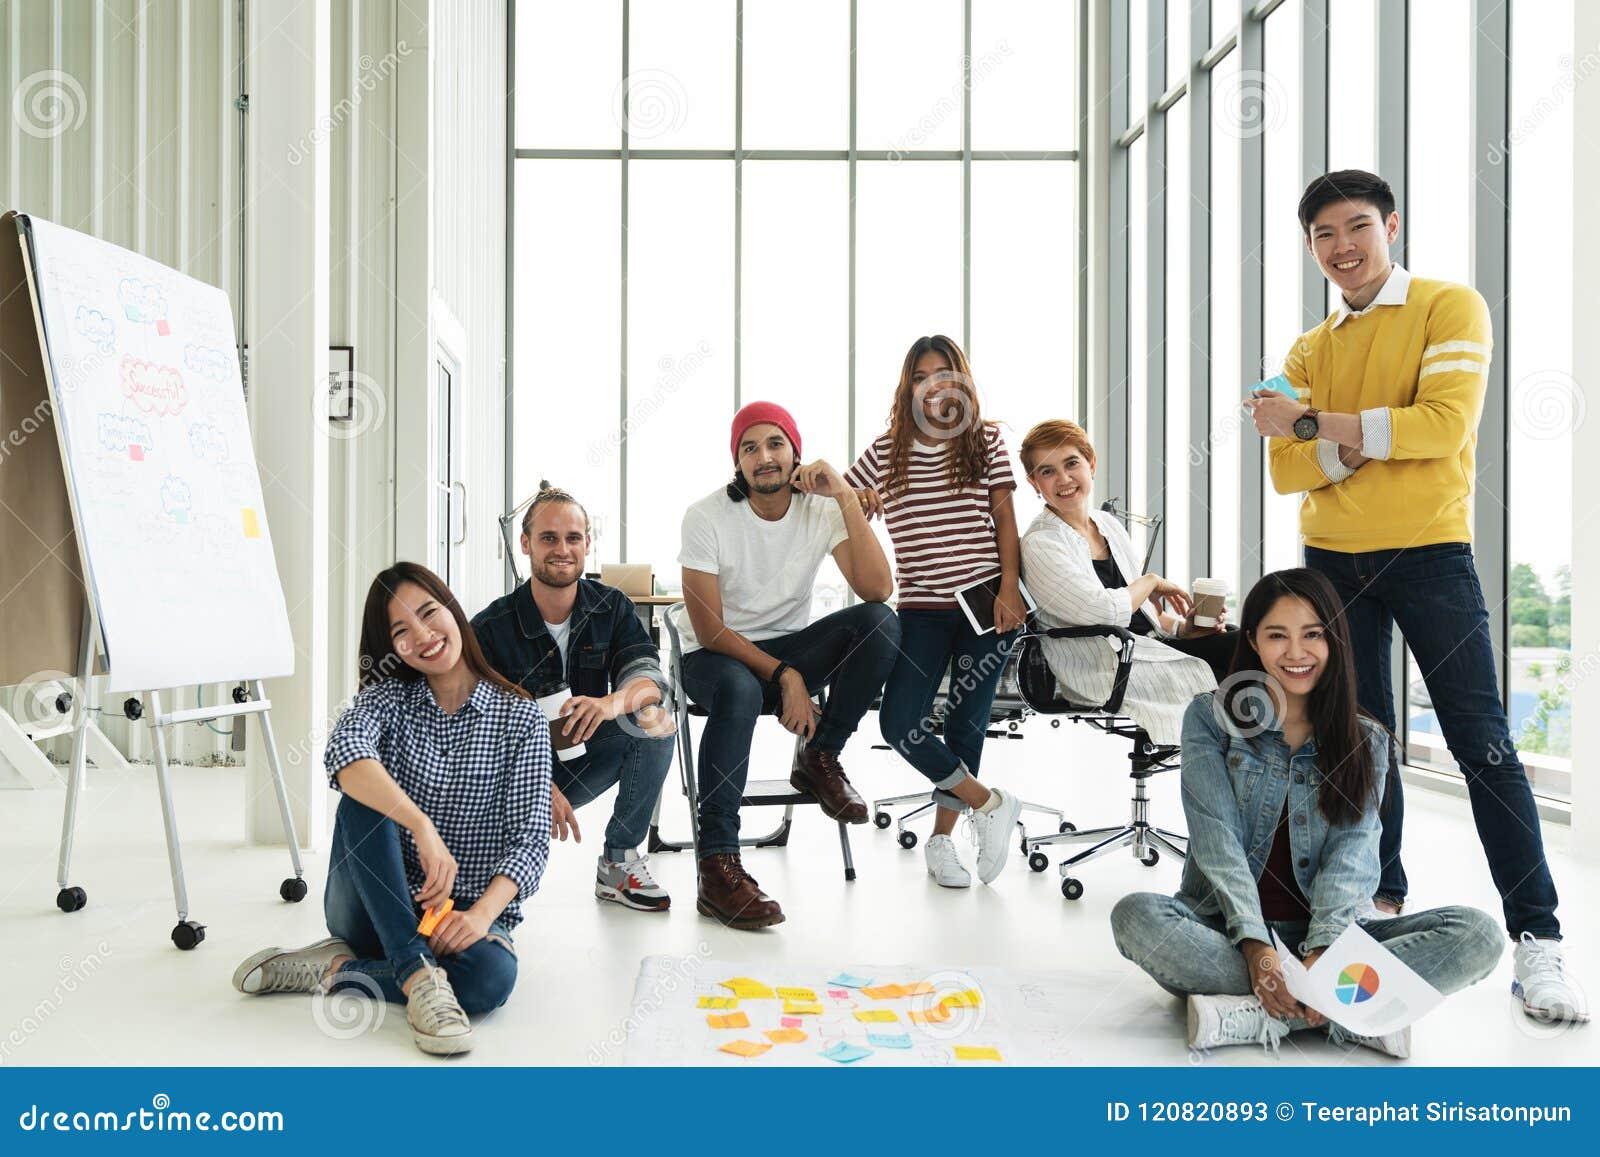 Portret van gelukkige diverse creatieve commerciële teamgroep die camera en het glimlachen bekijken